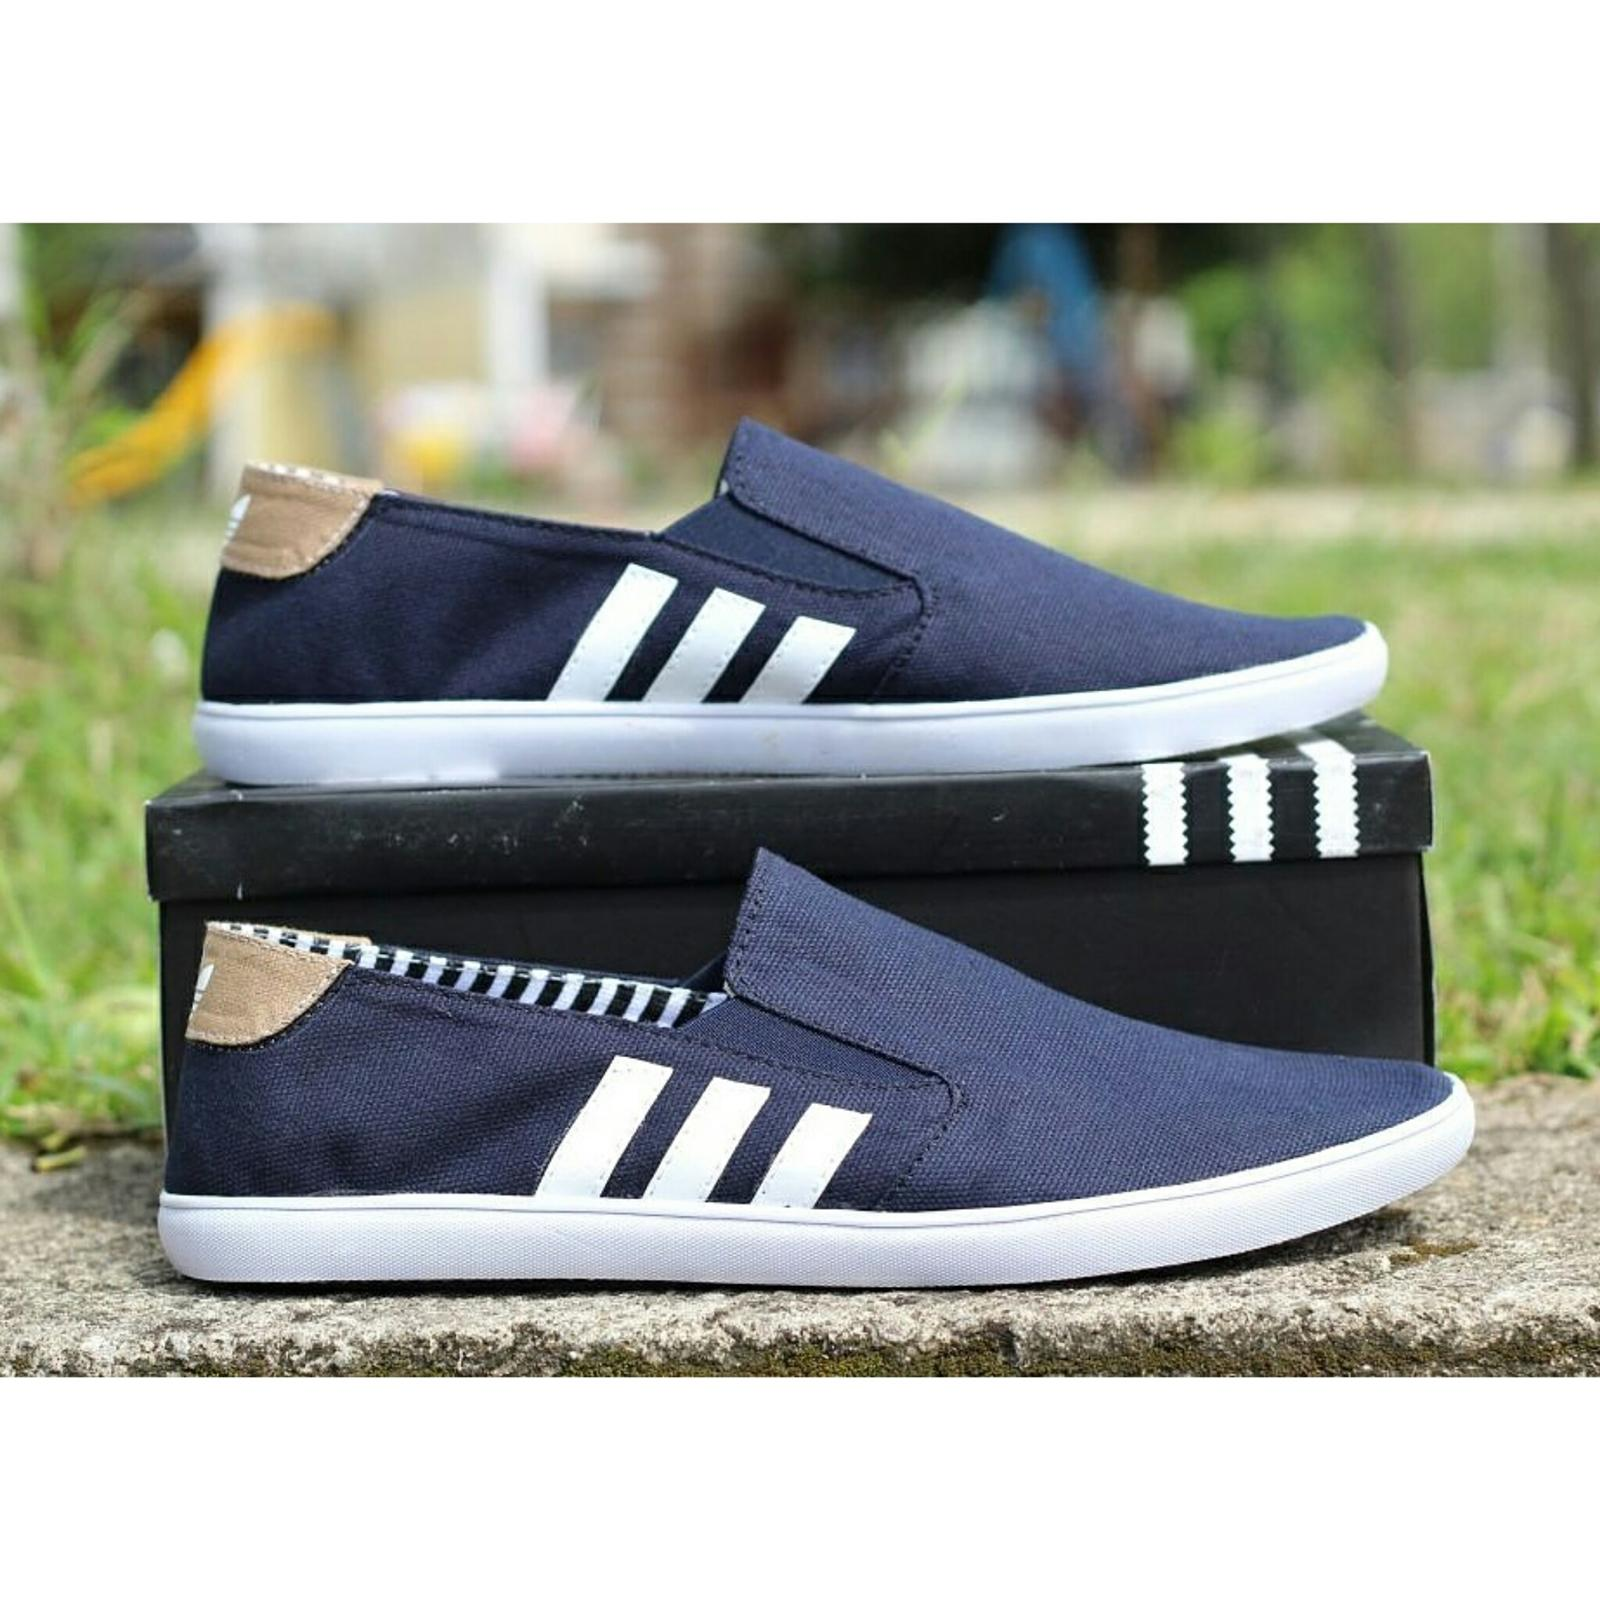 Sepatu Pria Adidas Original Terbaru Lazada Co Id